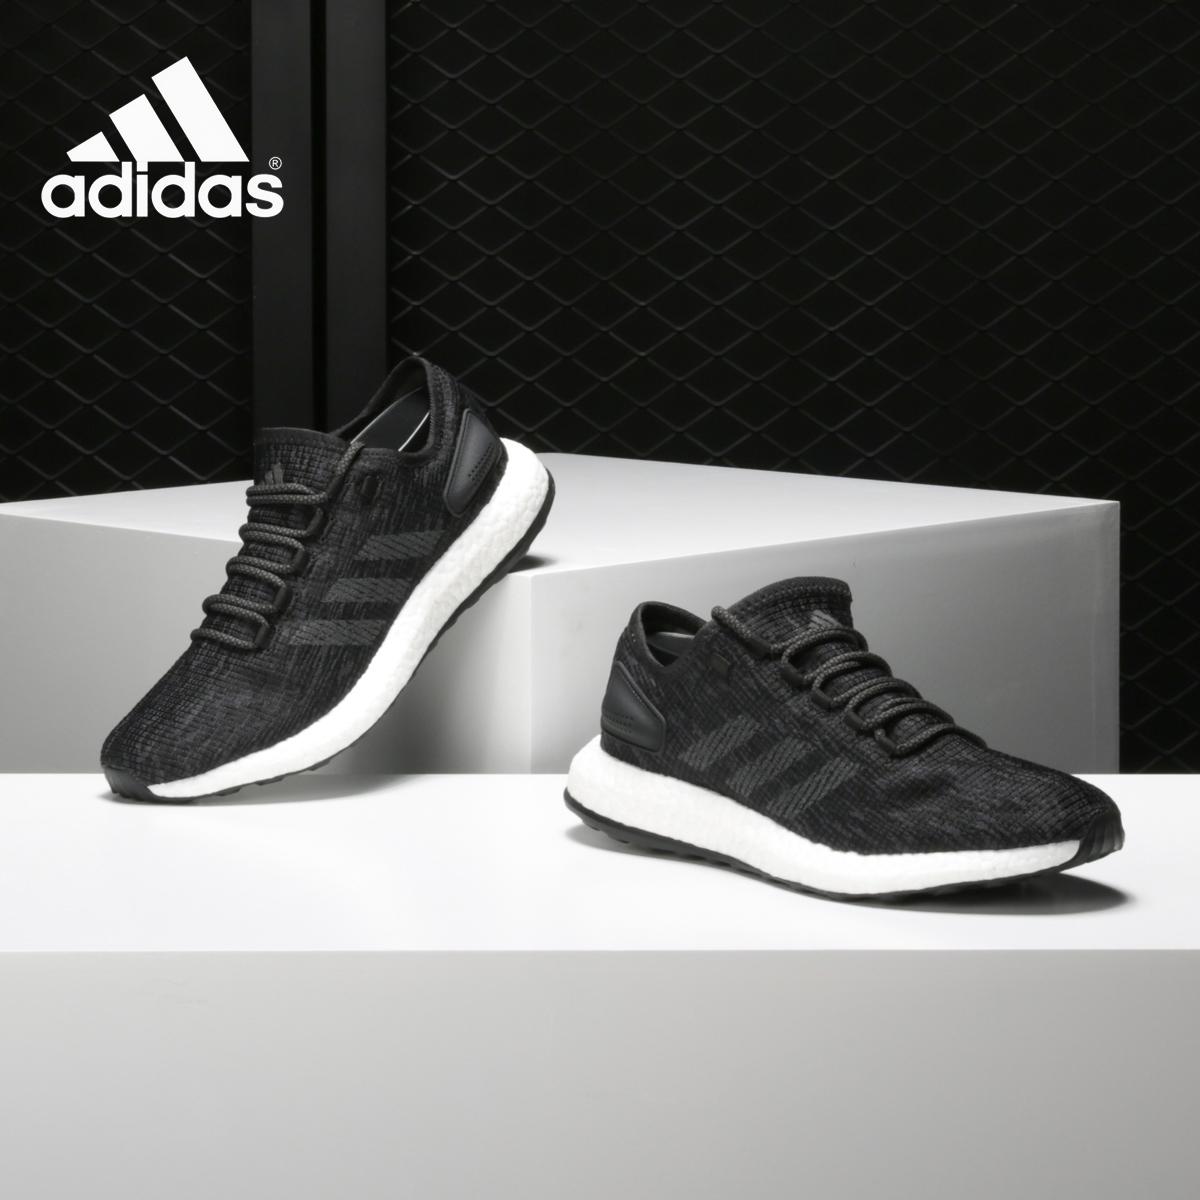 阿迪达斯运动鞋 Adidas阿迪达斯官方正品Pure Boost男女减震运动跑步鞋 CP9326_推荐淘宝好看的女阿迪达斯运动鞋